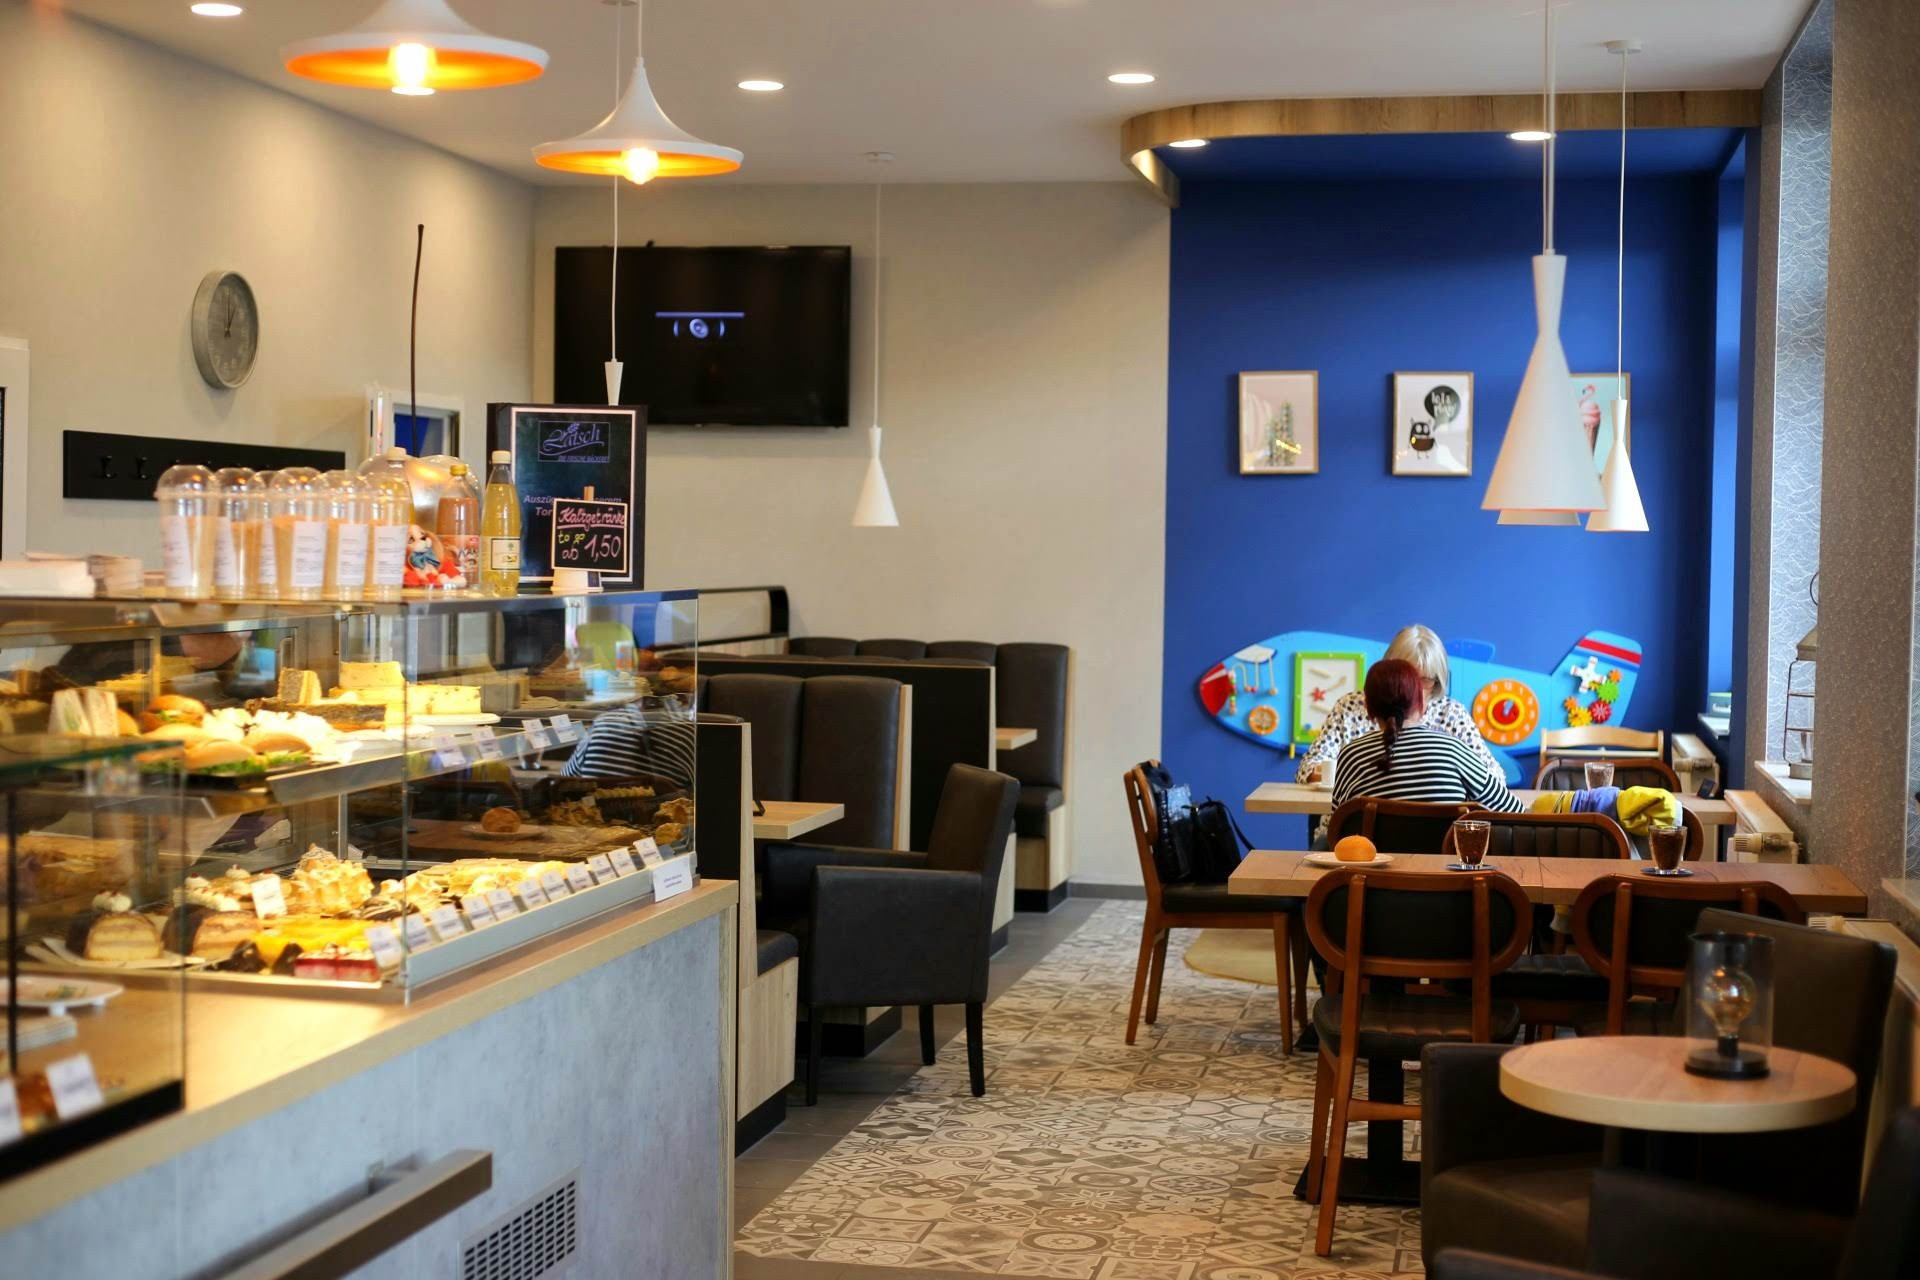 Modern und ansprechend eingerichtet - das neue Café in Bernburg.